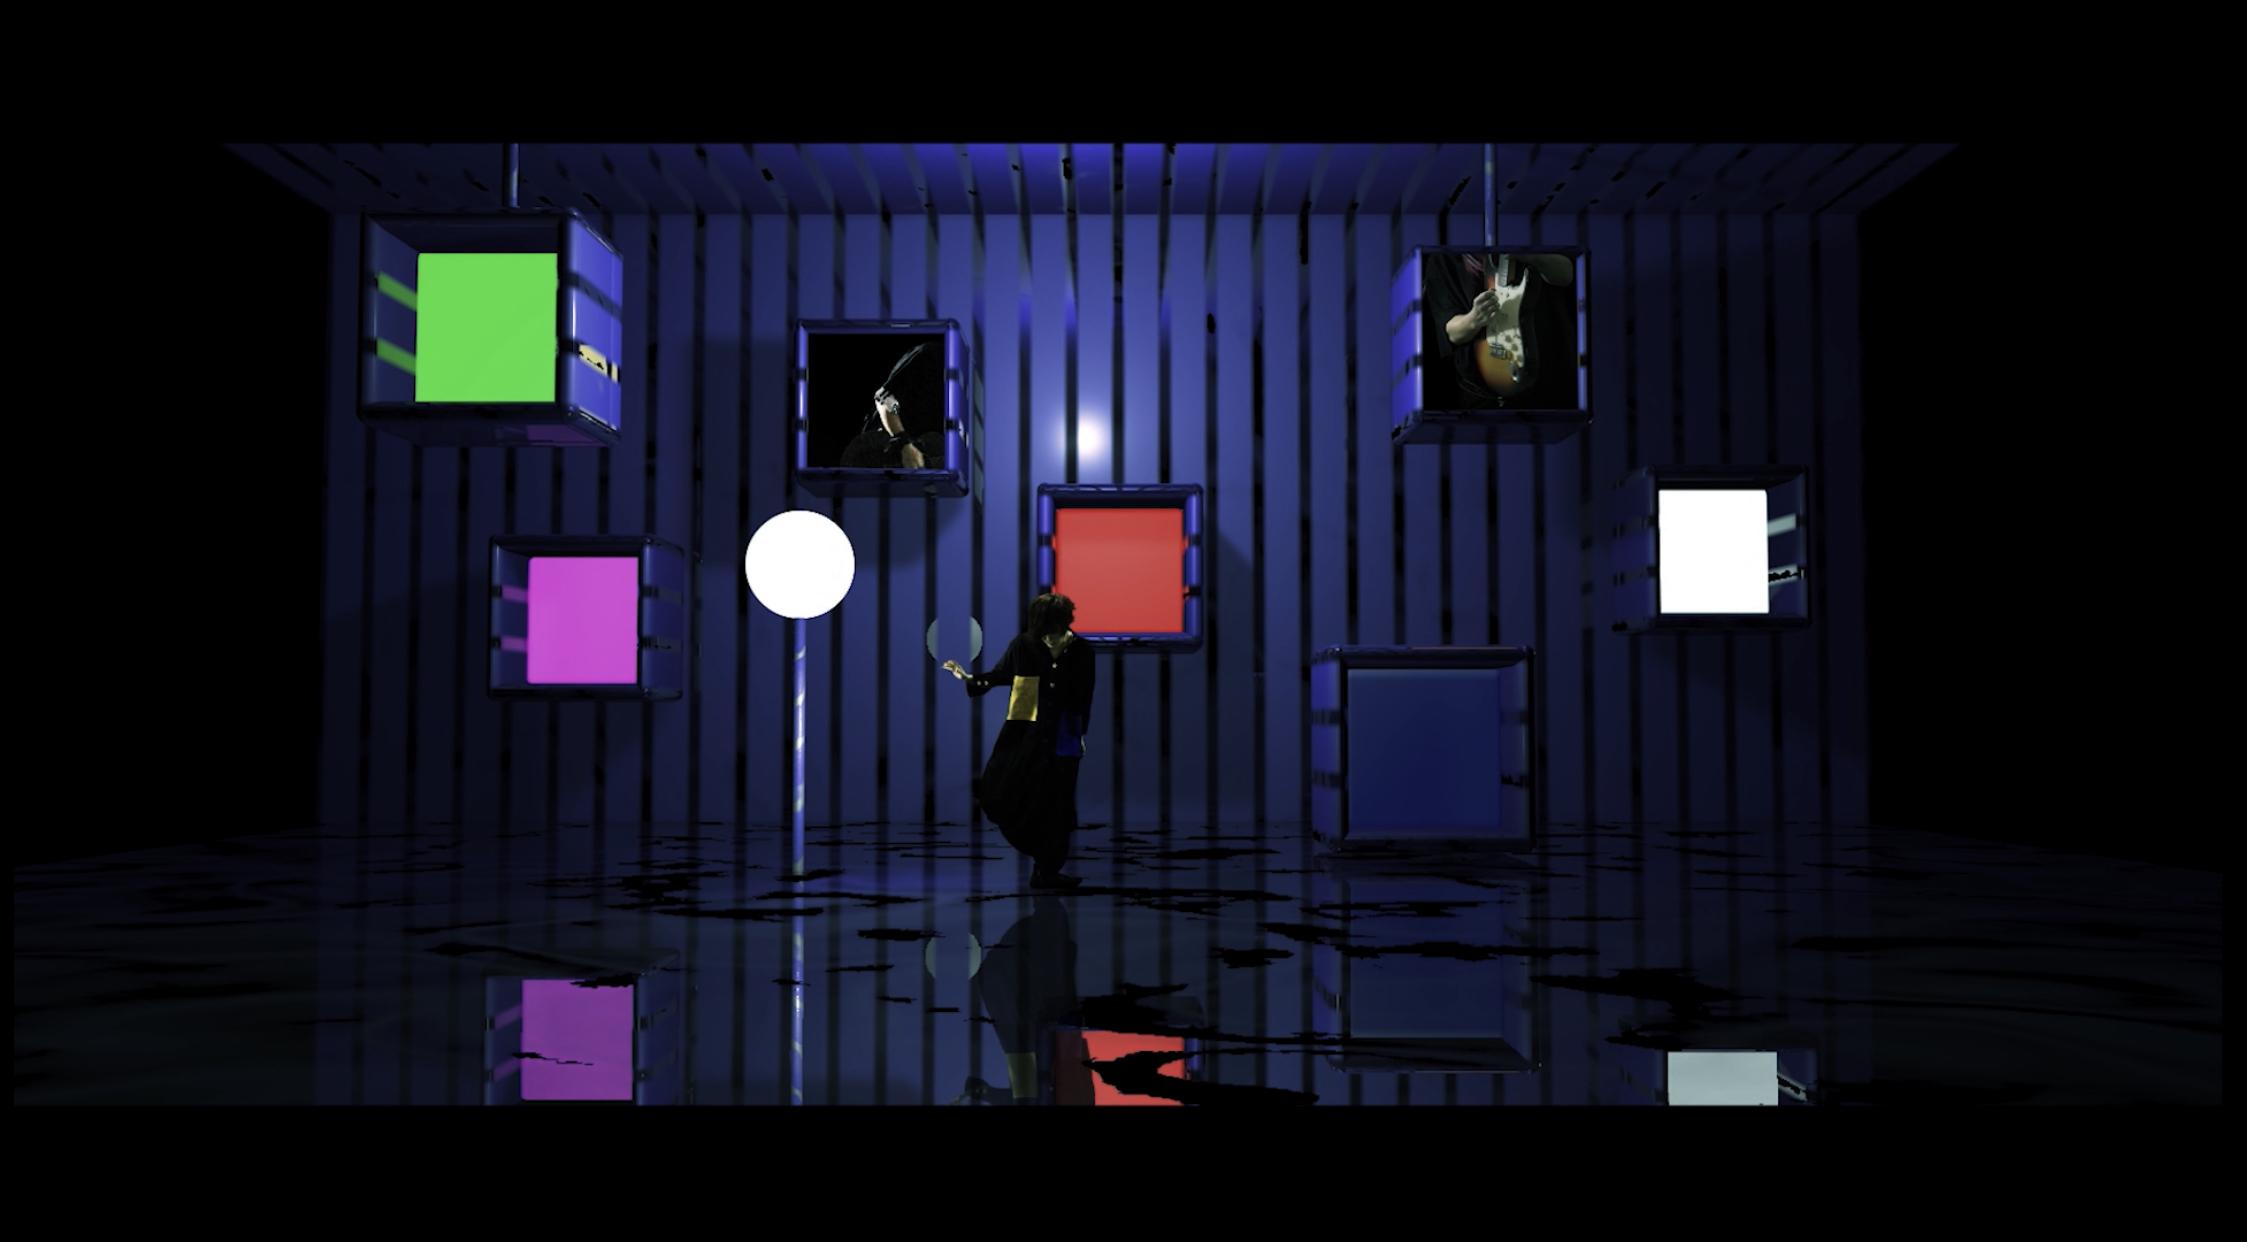 新バンド – DRAMAticEND「Ego denial (MV)」を公開!Release&短編ドラマ情報解禁!